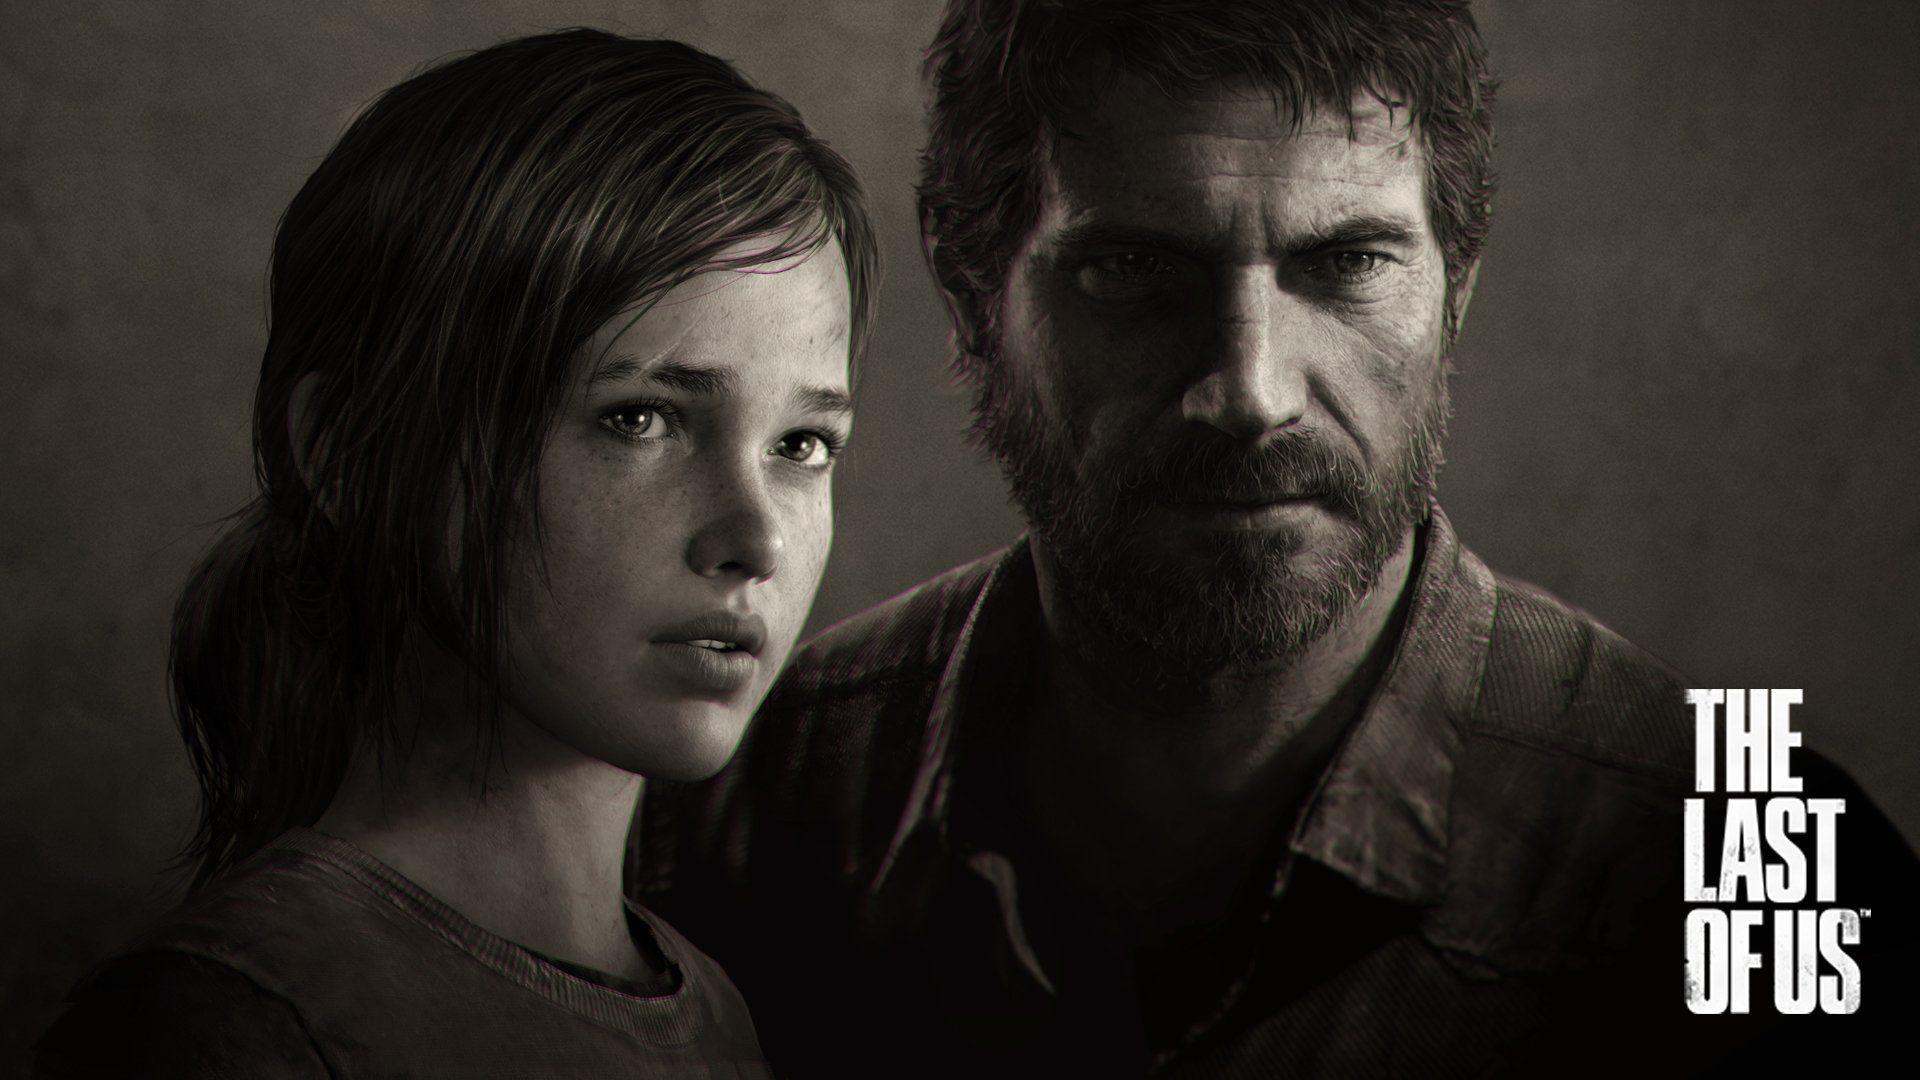 The Last of Us di HBO andrà in onda insieme all'ultima stagione di The Walking Death?